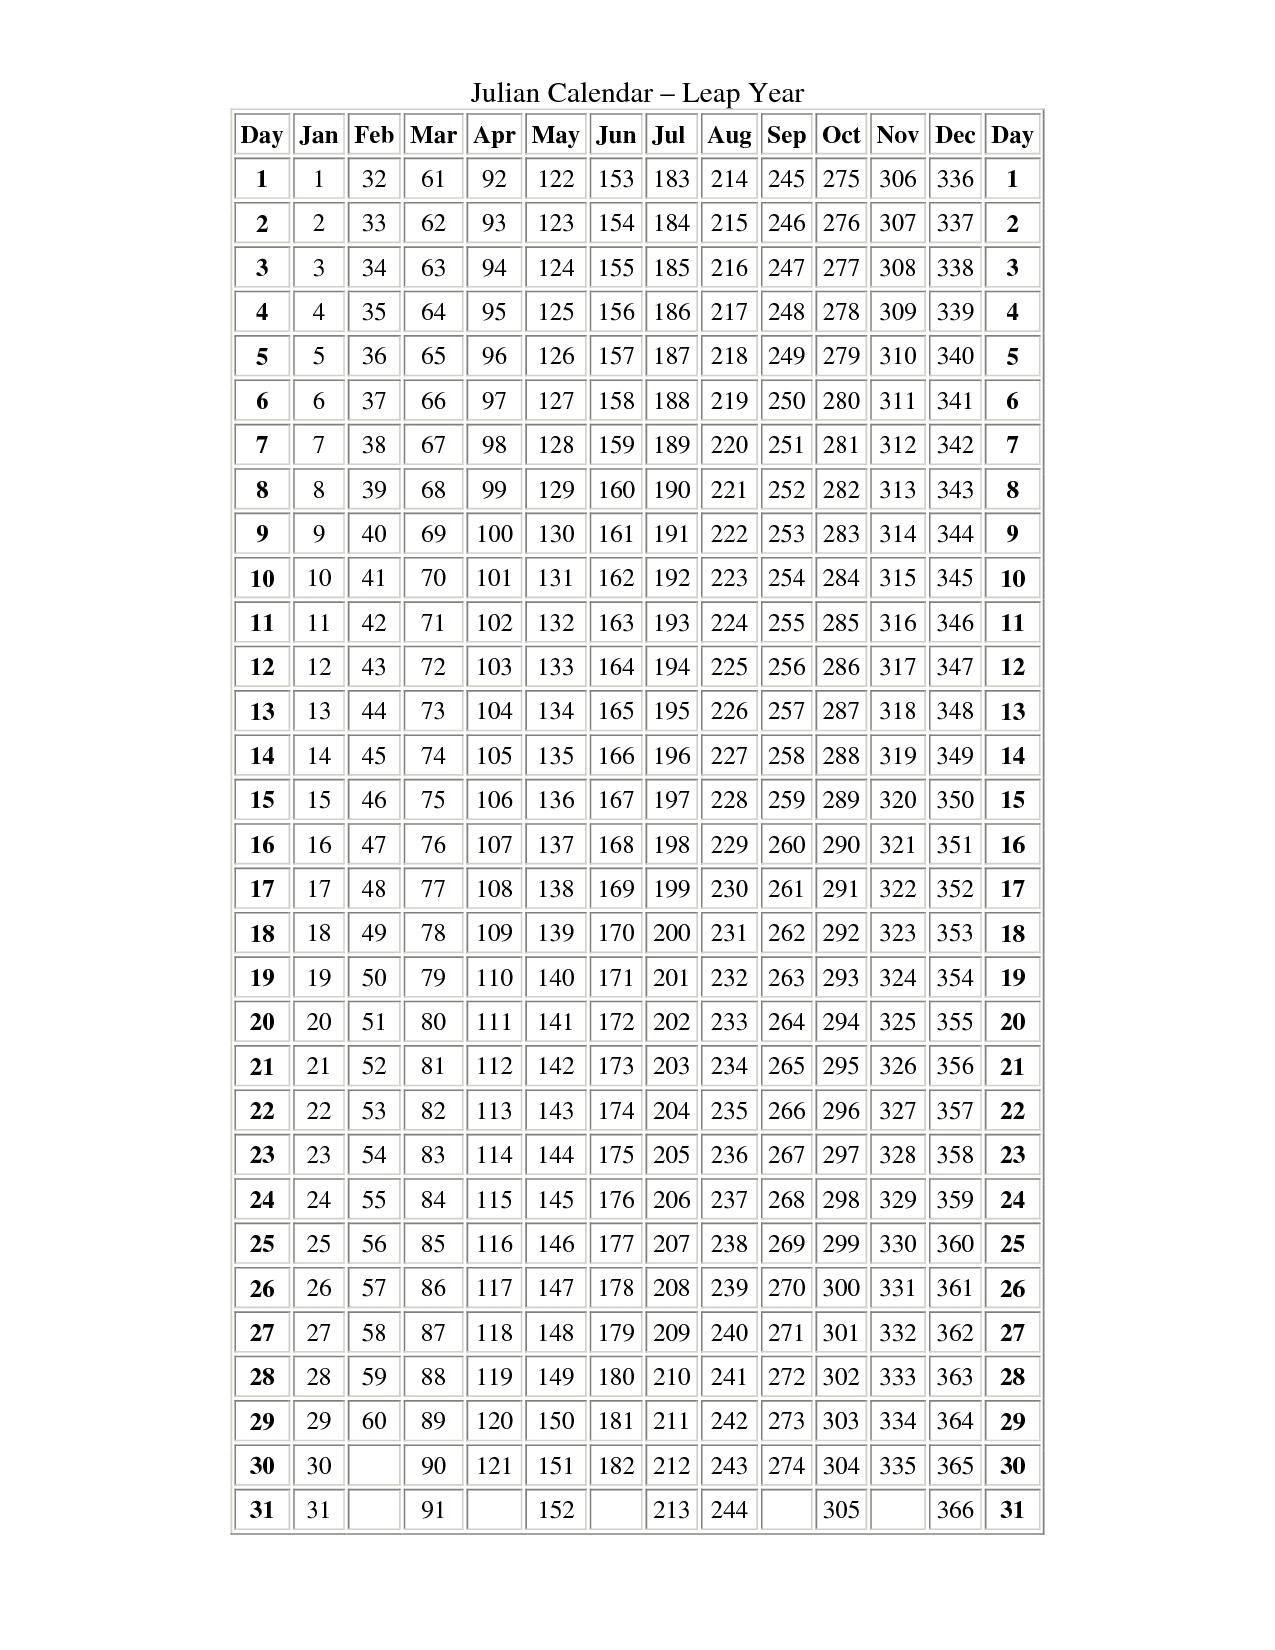 Julian Date Calendar Leap Year | Calendar For Planning